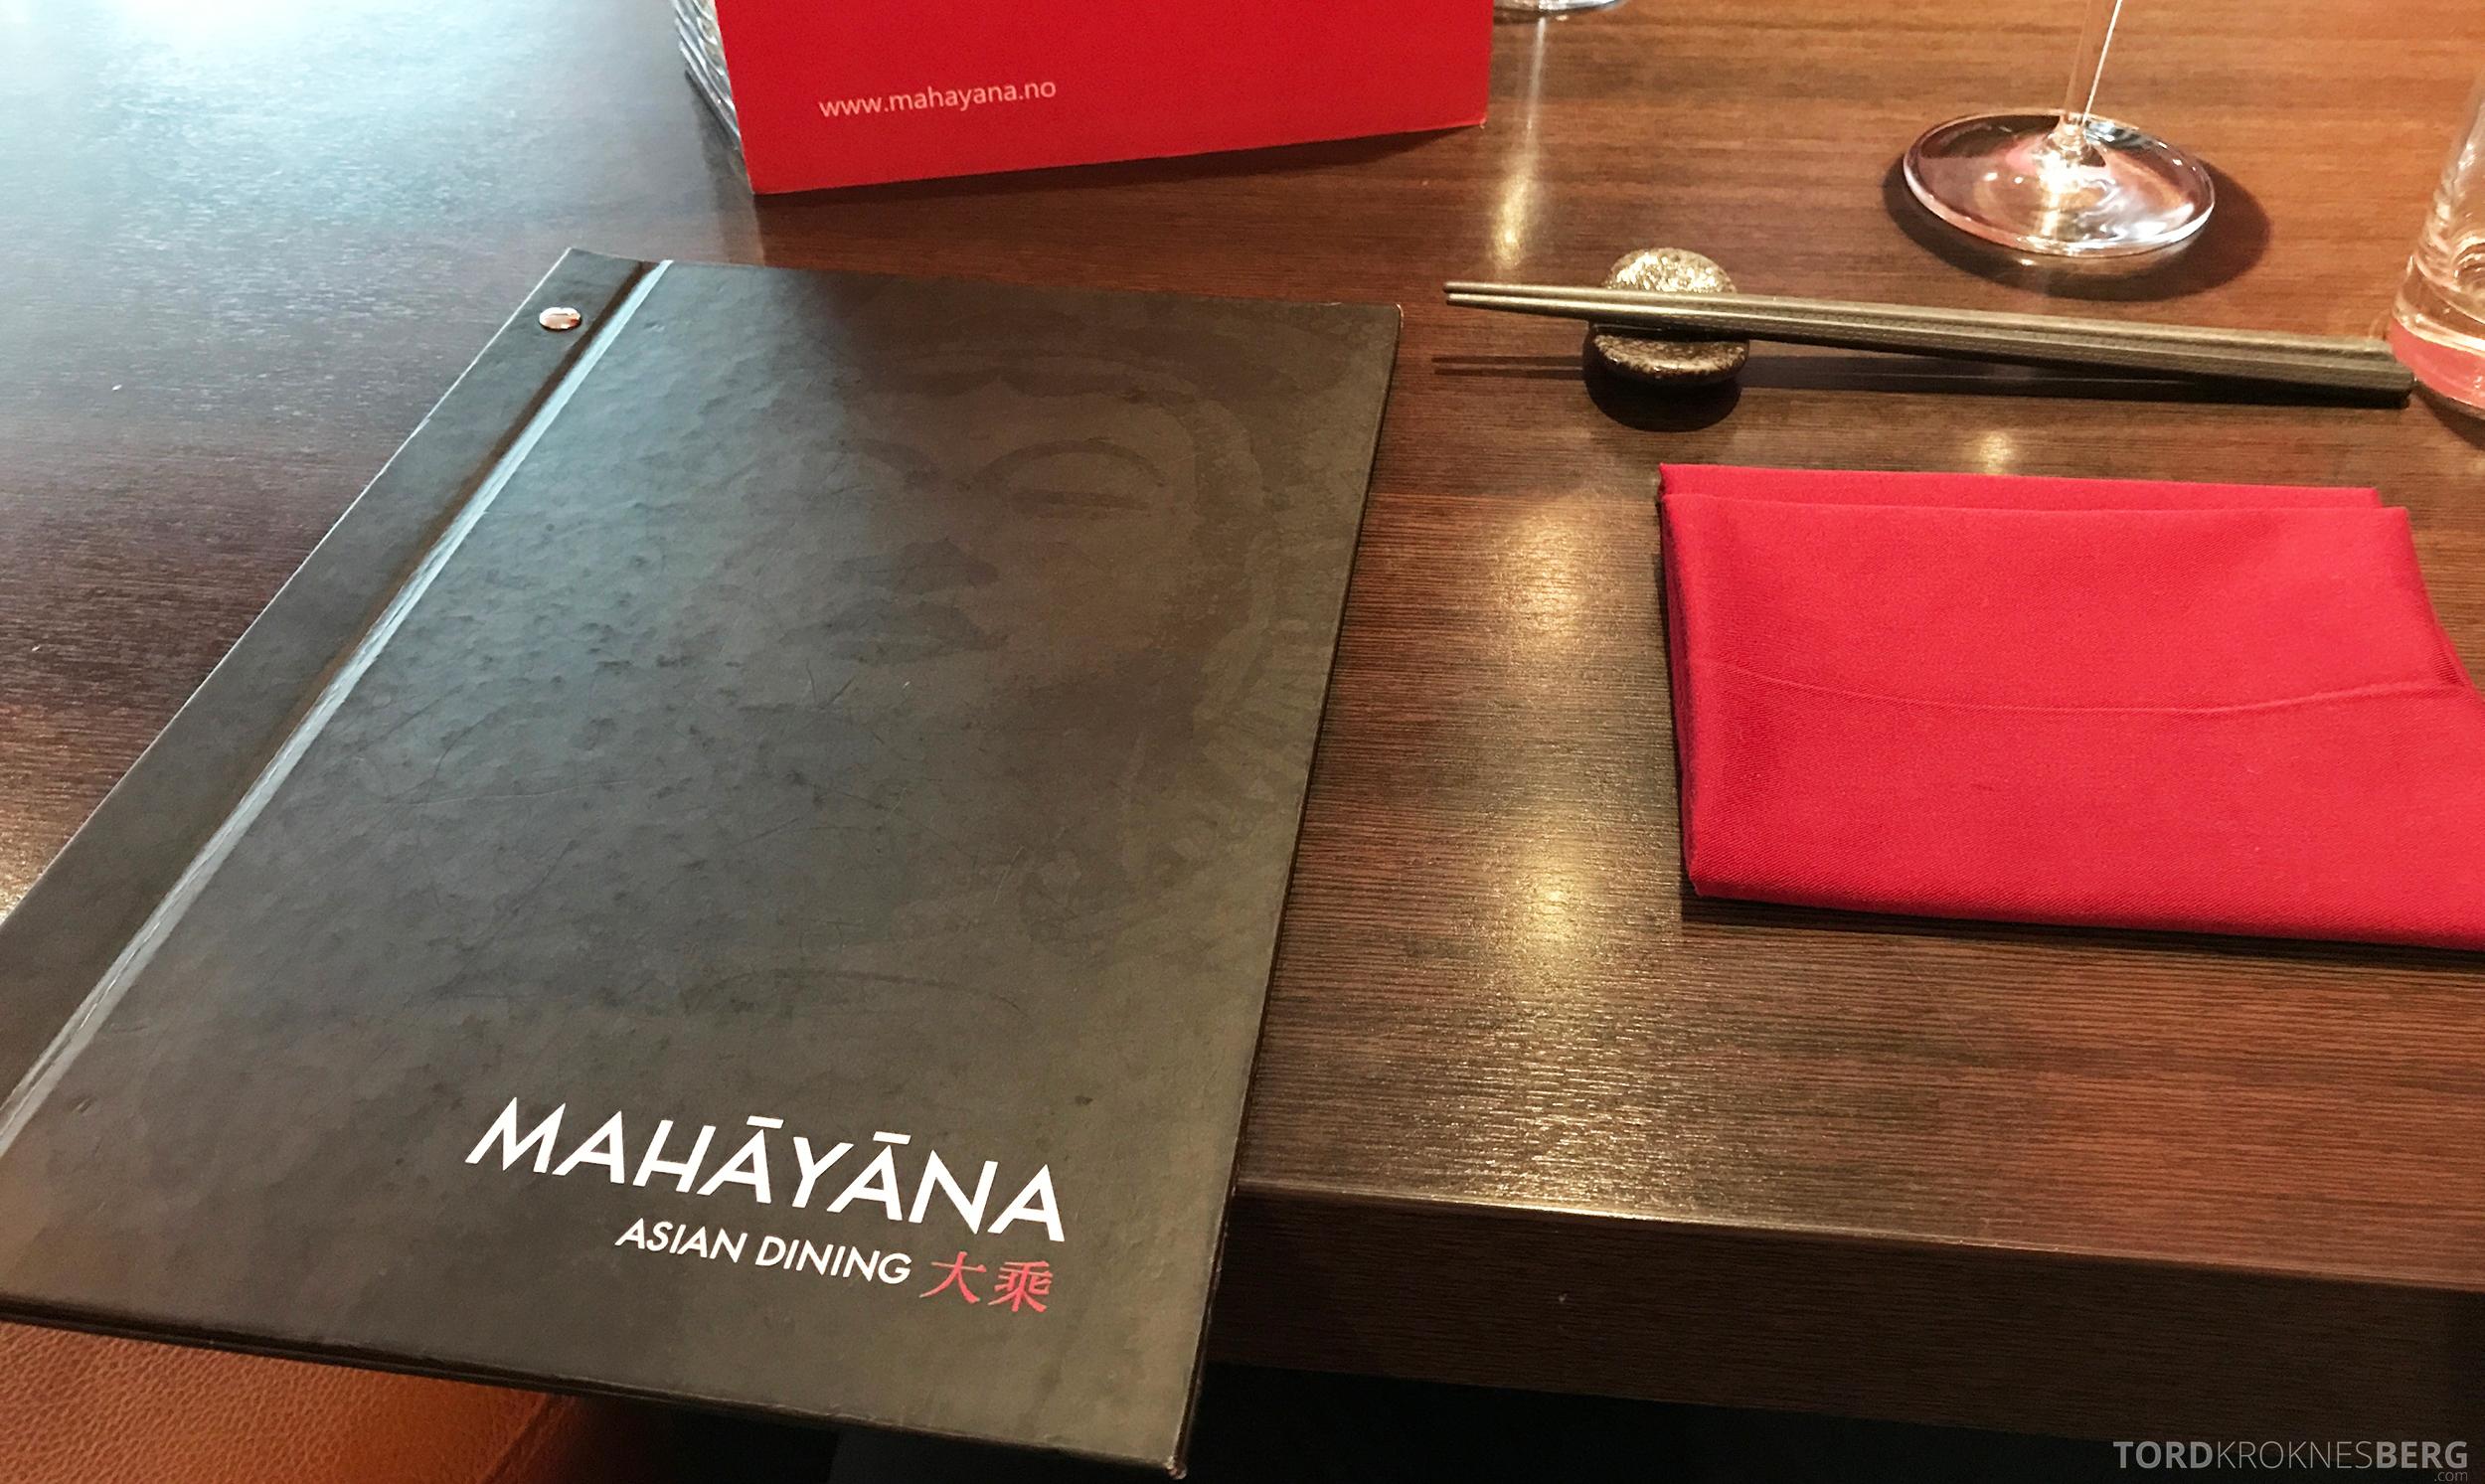 Mahayana Asian Dining Oslo detaljer meny